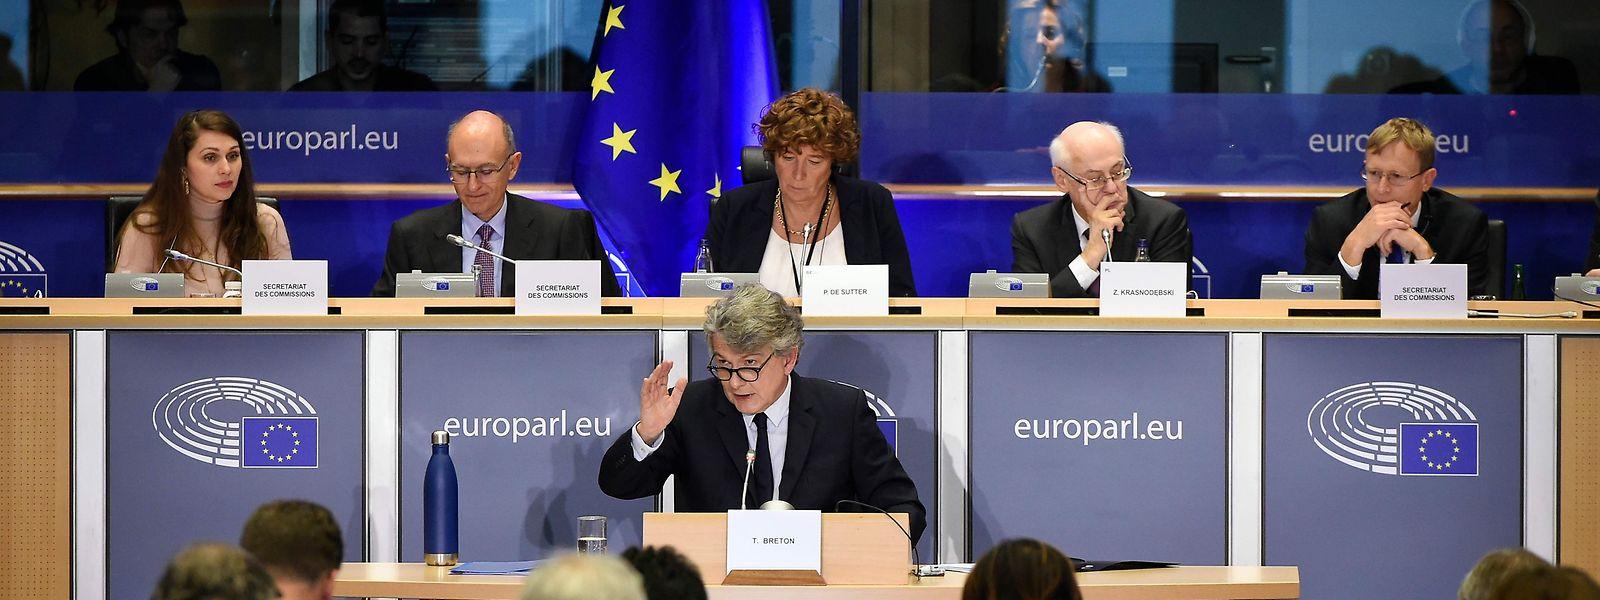 Thierry Breton a promis jeudi devant les eurodéputés d'être «radical» pour éviter les conflits d'intérêts avec son ancienne fonction de PDG du groupe Atos